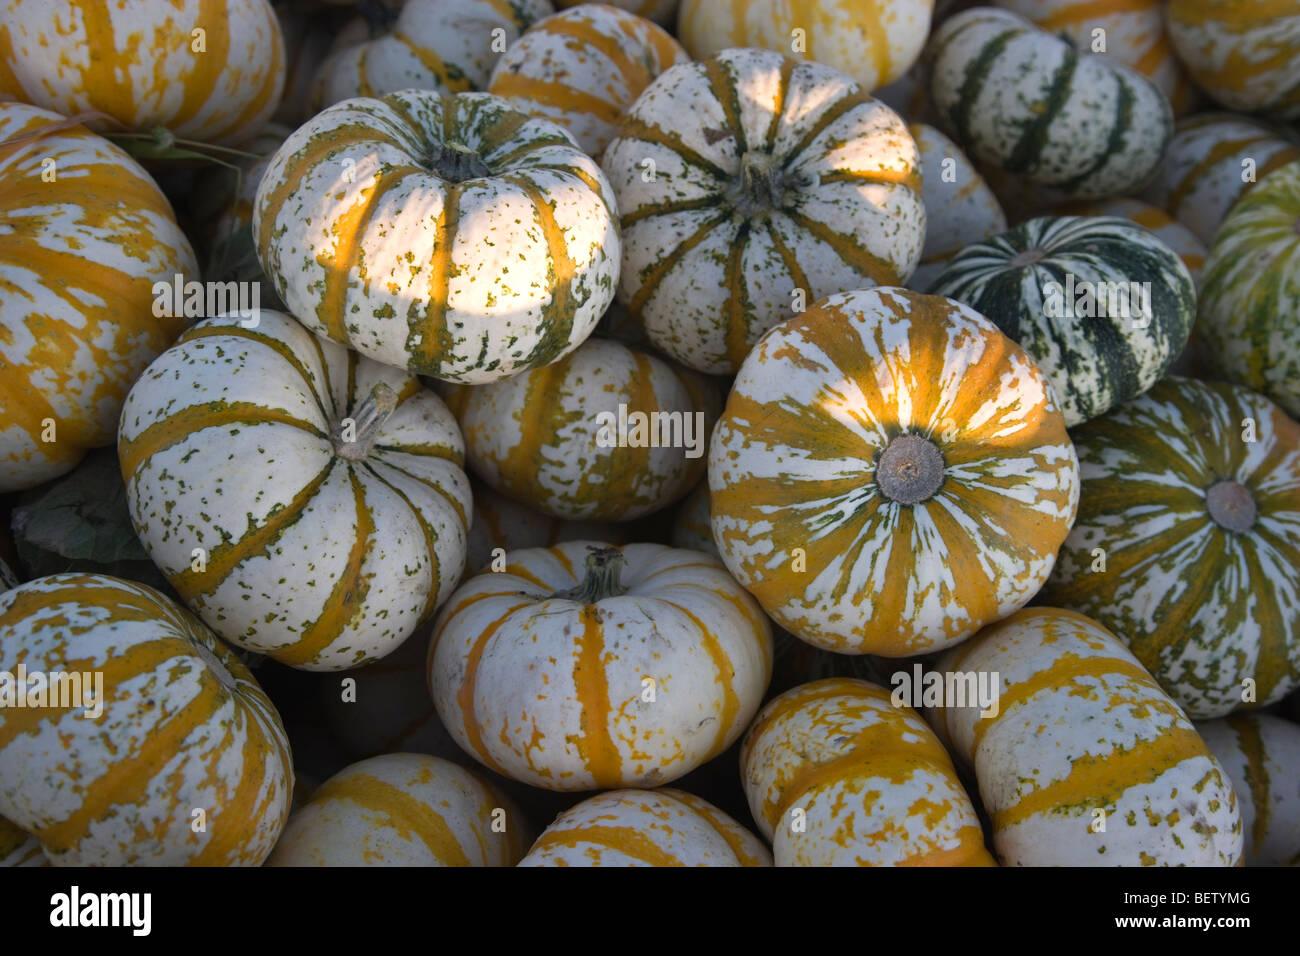 Harvested  Lil' Tiger Stripe Pumpkins, - Stock Image